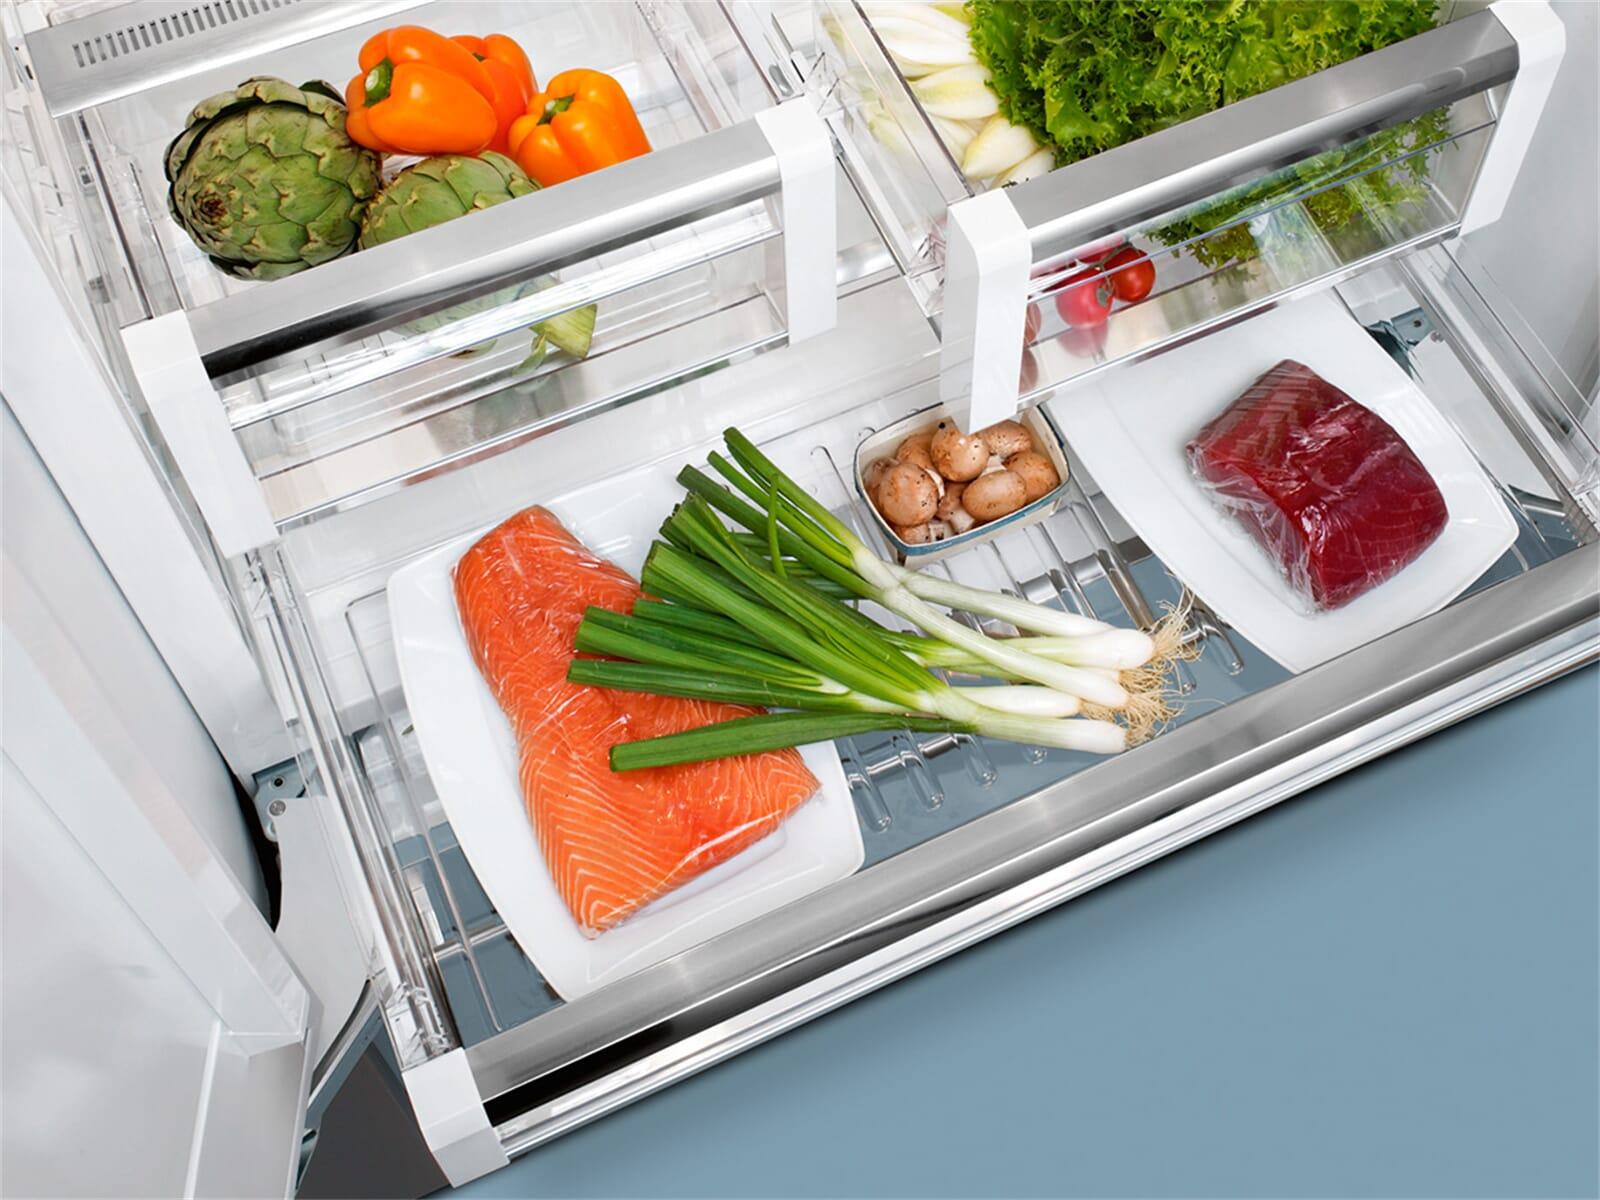 Siemens Kühlschrank French Door : Siemens studioline ci36bp01 french door einbau kühl gefrierkombination